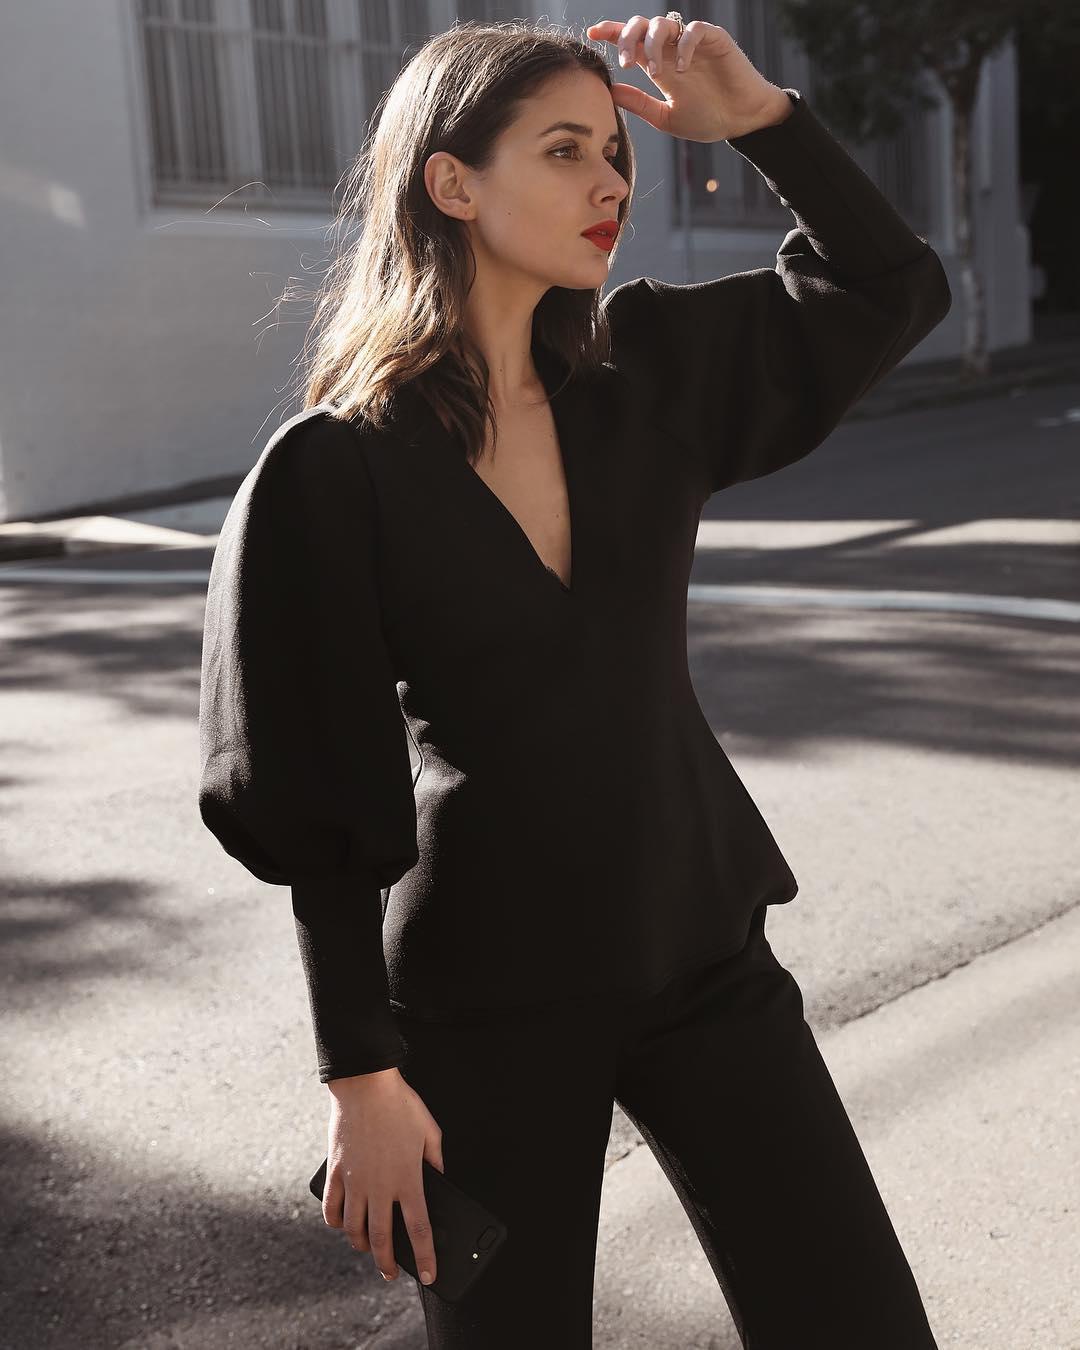 phong cách tối giản - sara crampton mặc áo tay bồng đen